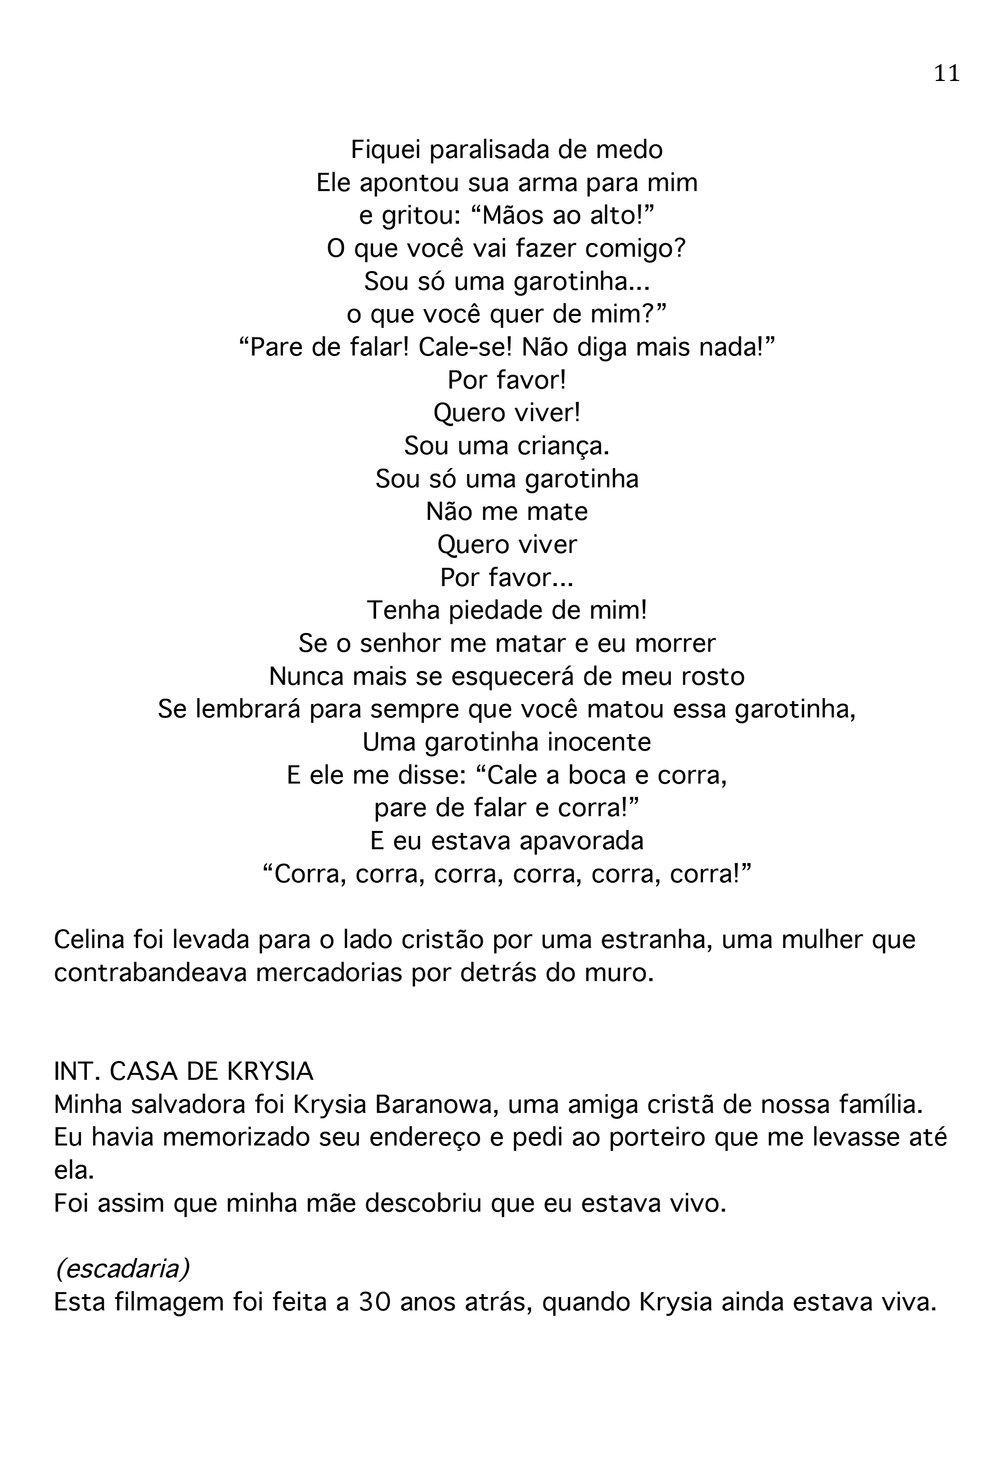 PORTUGUESE-SCRIPT-11.jpg